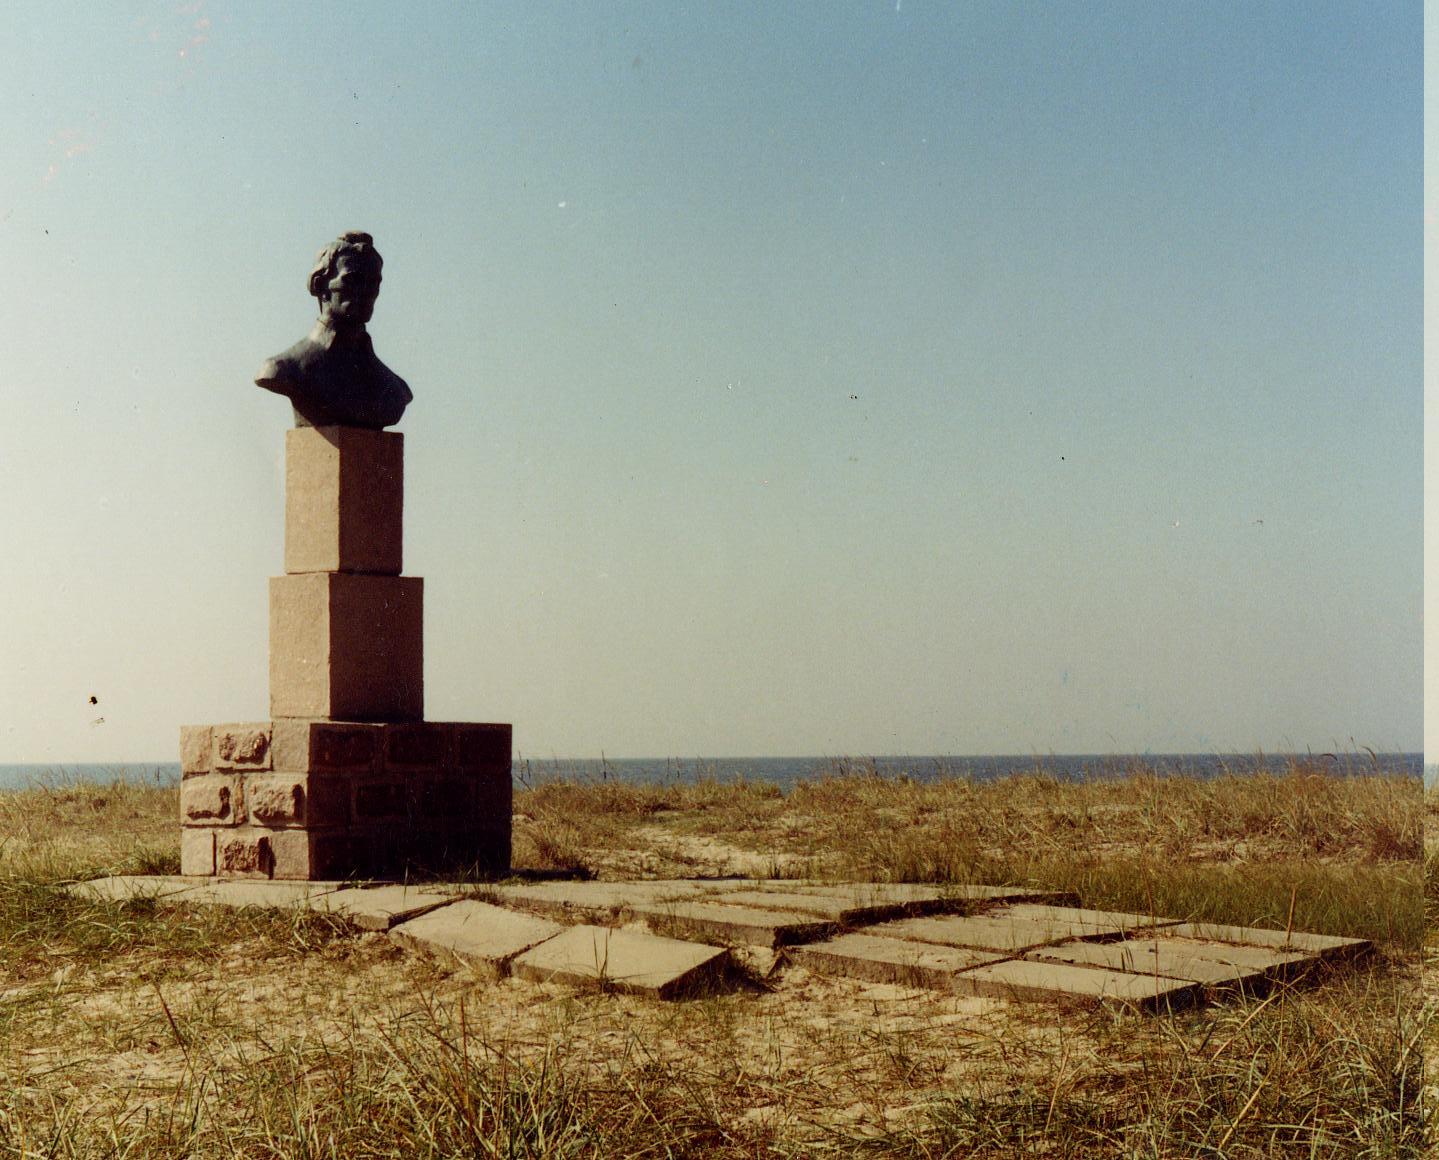 Бюст Суворова отлитый из бронзы. Похищен в 2001г.